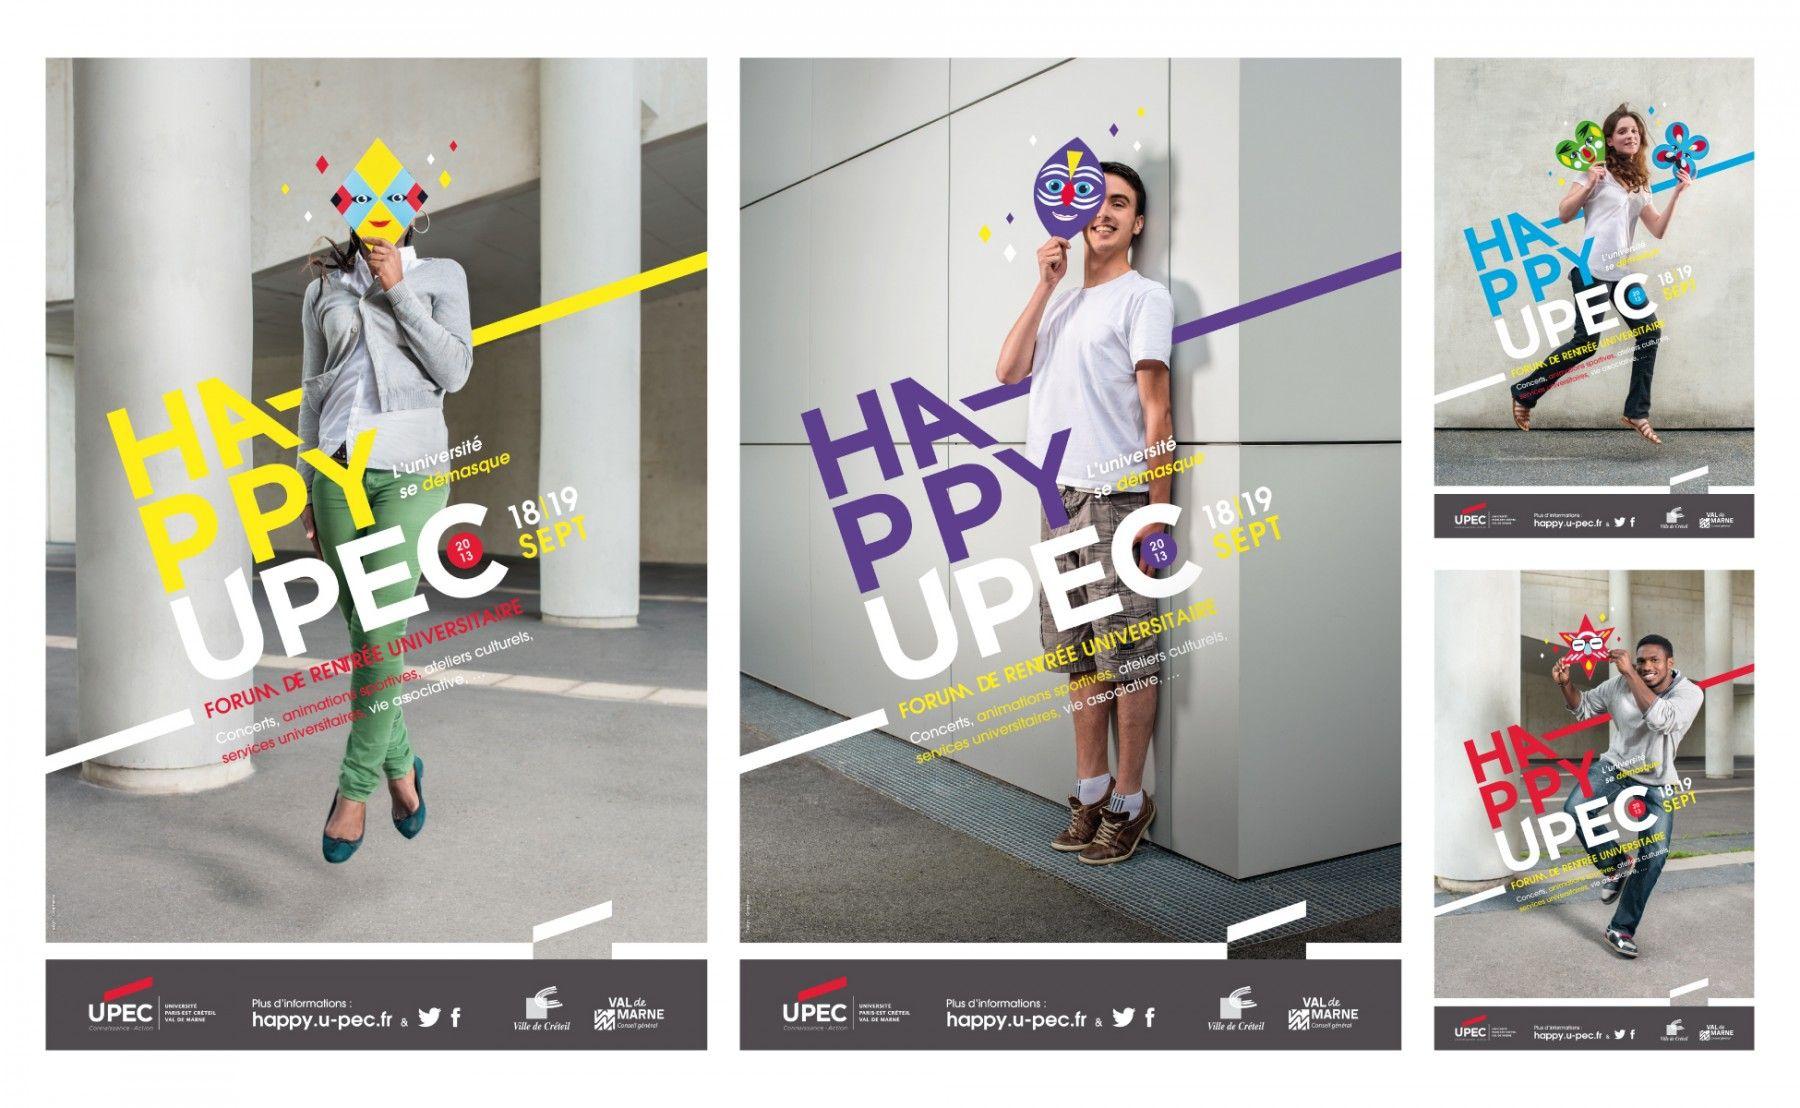 graphéine affiche Happy Upec trong 2020